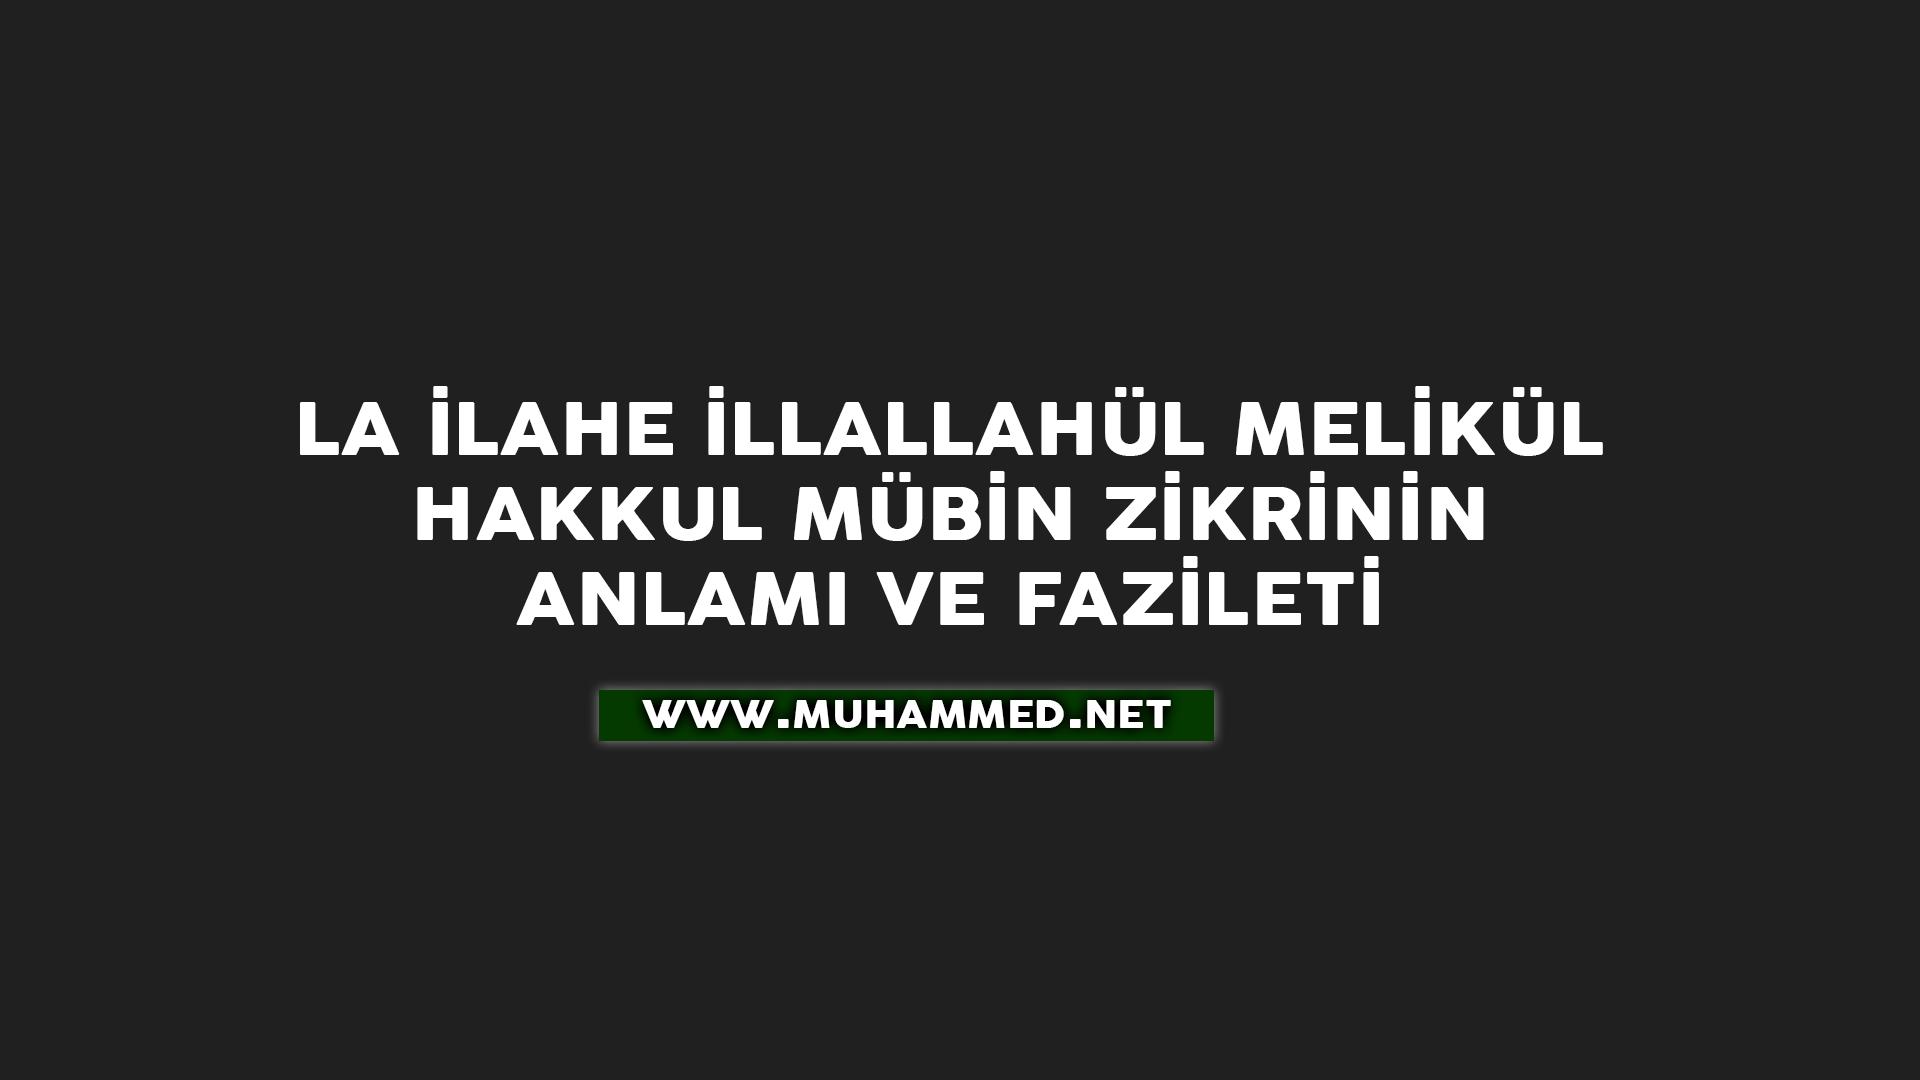 Lâ ilâhe illellâhül melikül hakkul mübîn Muhammedün rasûlüllâhi sâdikul va'dil emîn.